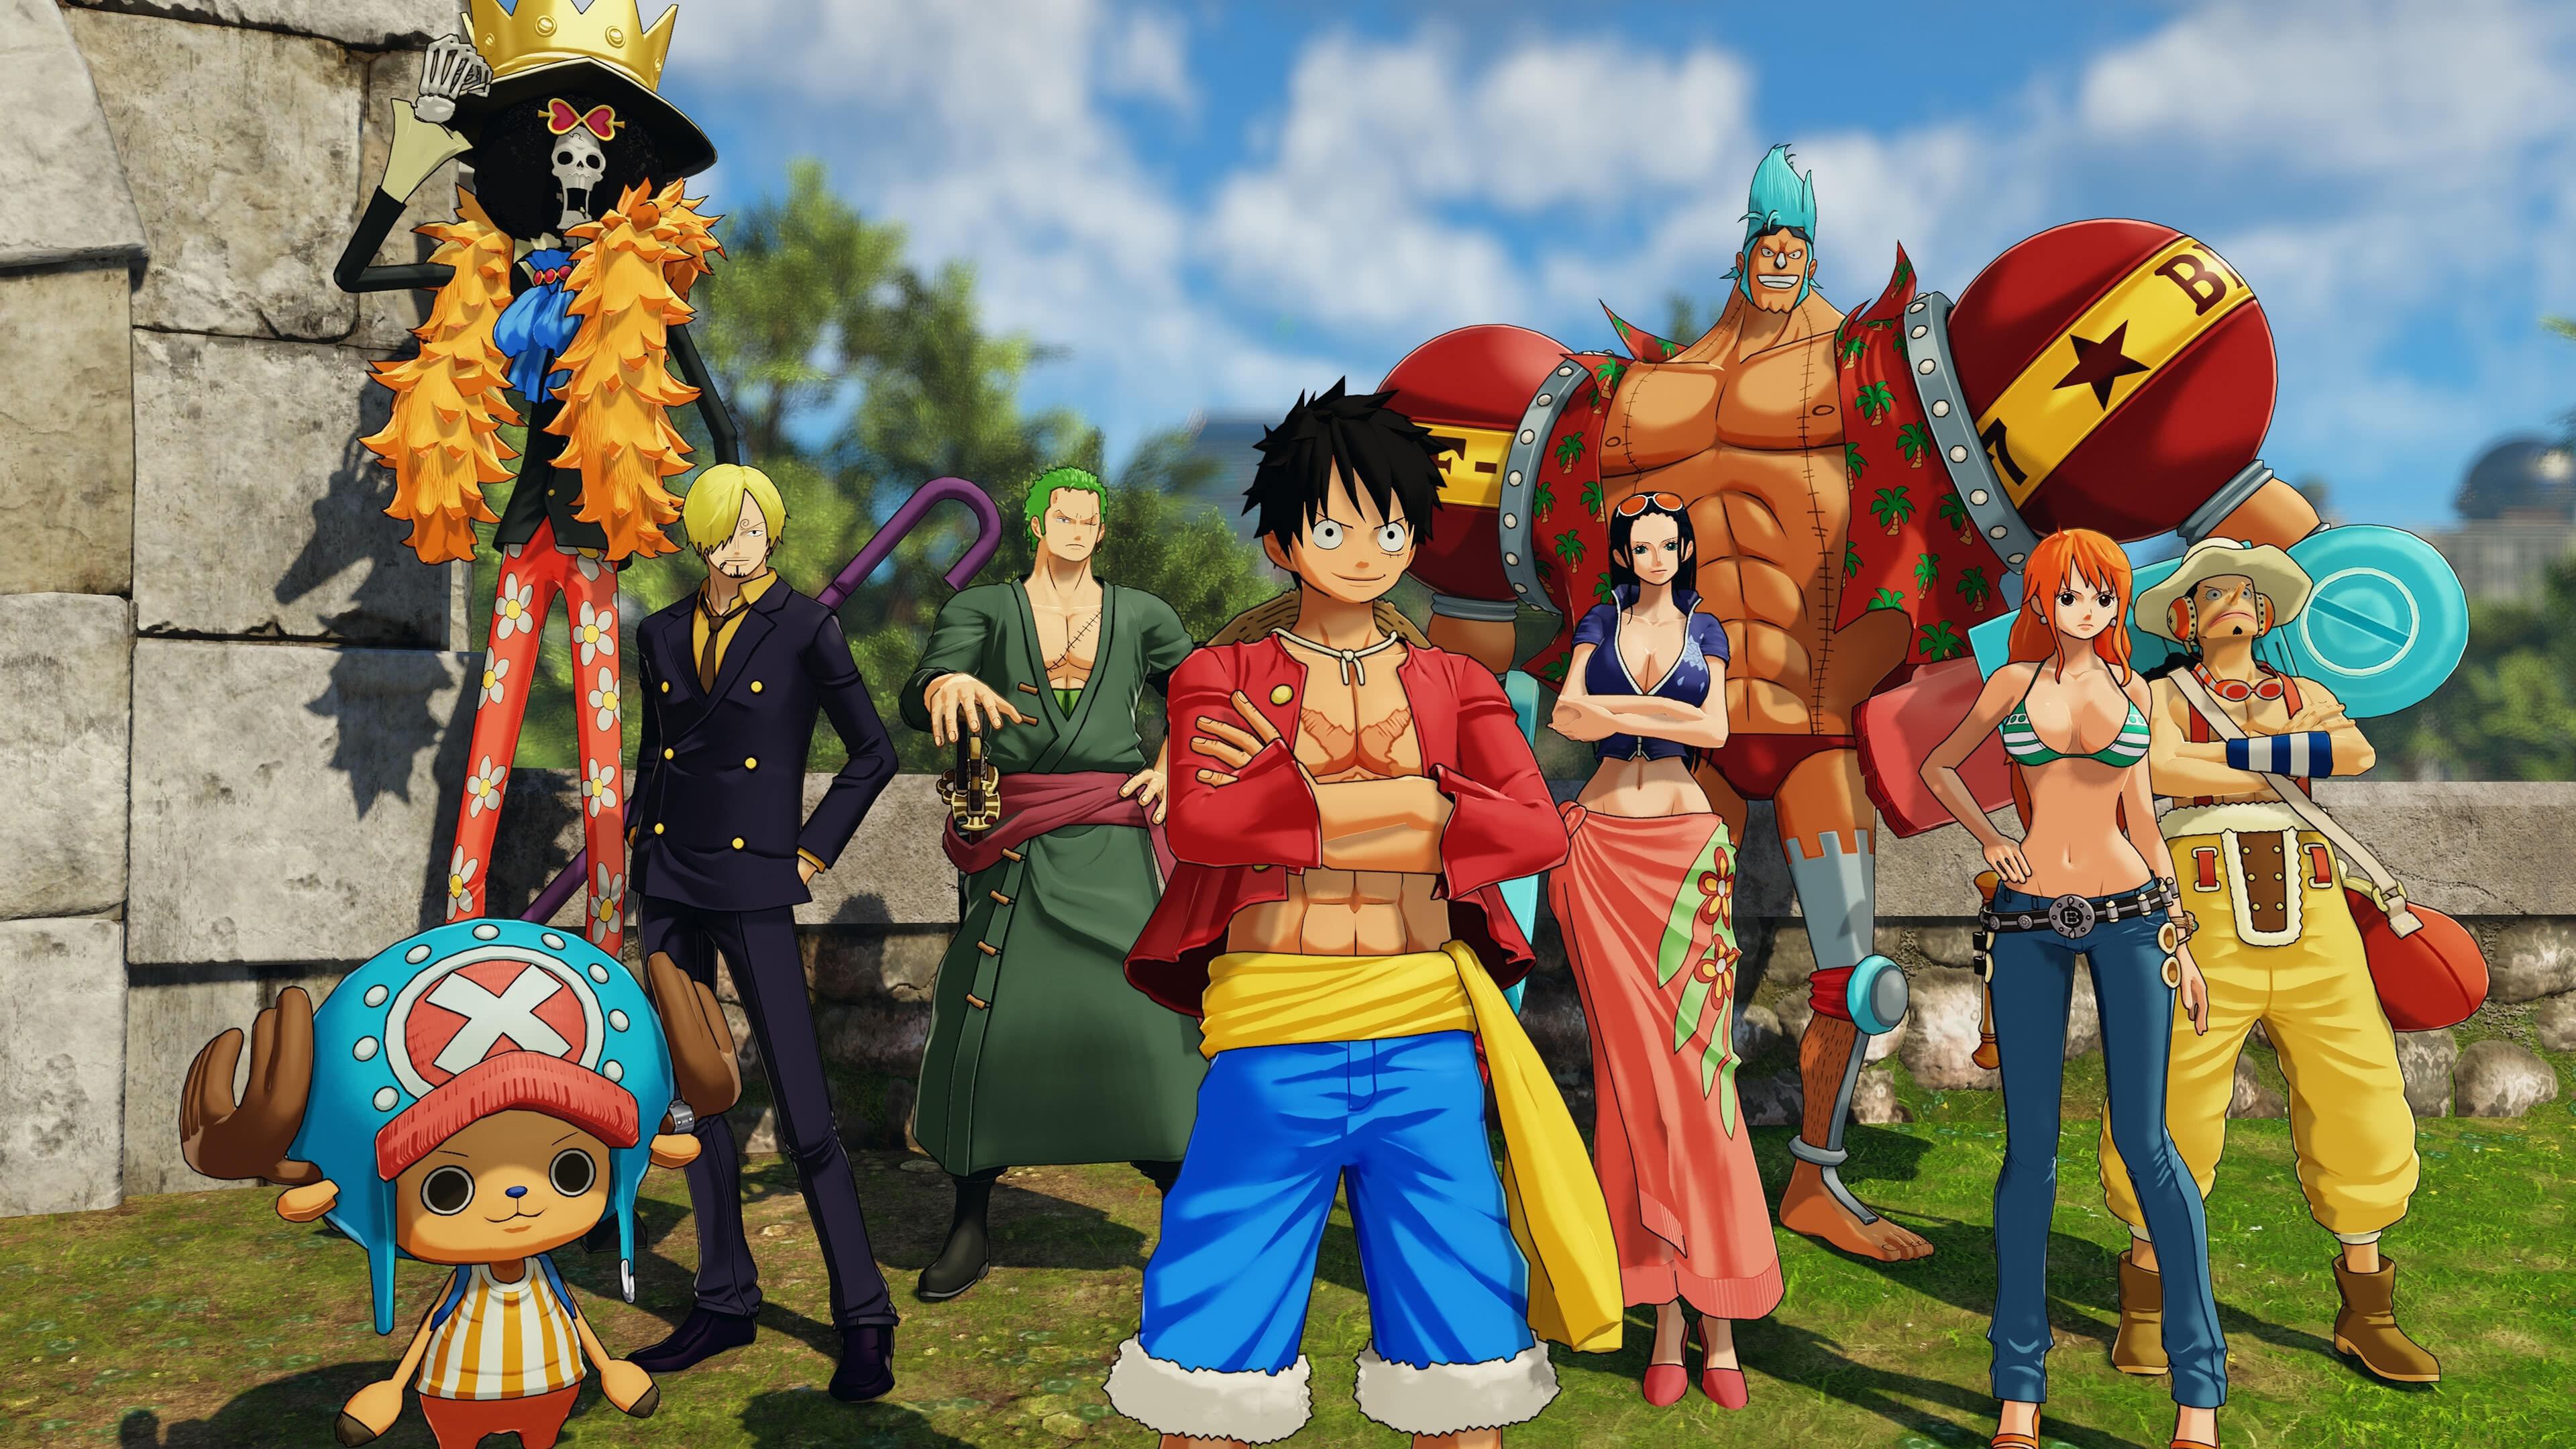 One Piece World Seeker Characters UHD 4K Wallpaper Pixelz 3840x2160